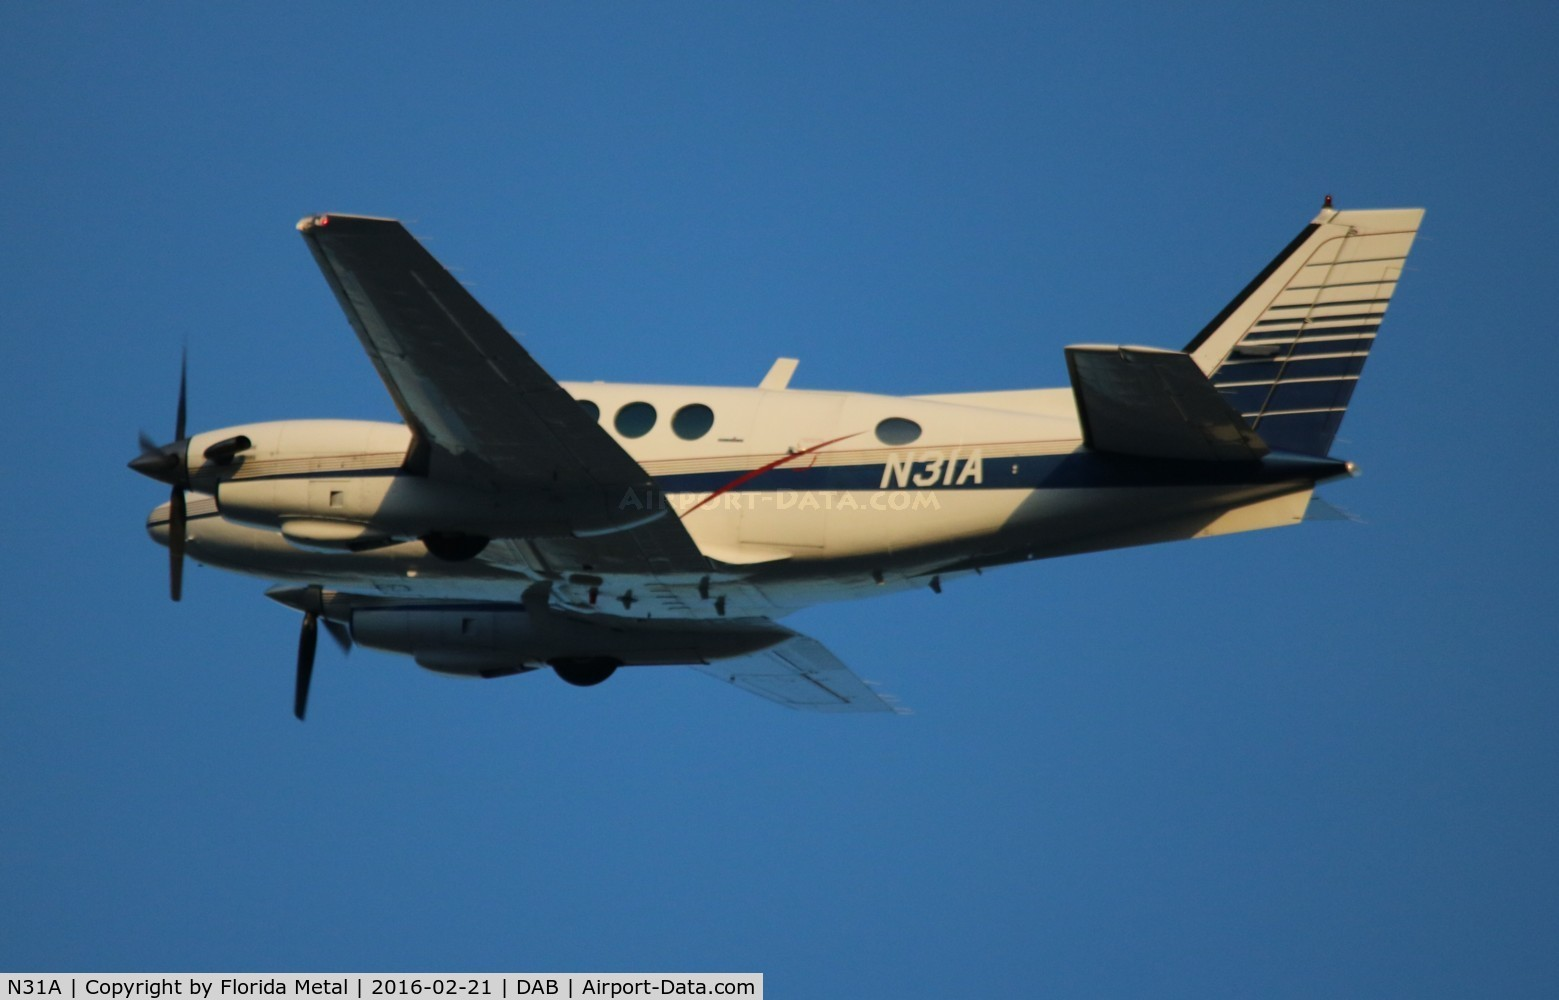 N31A, 1978 Beech E-90 King Air C/N LW-281, Beech E90